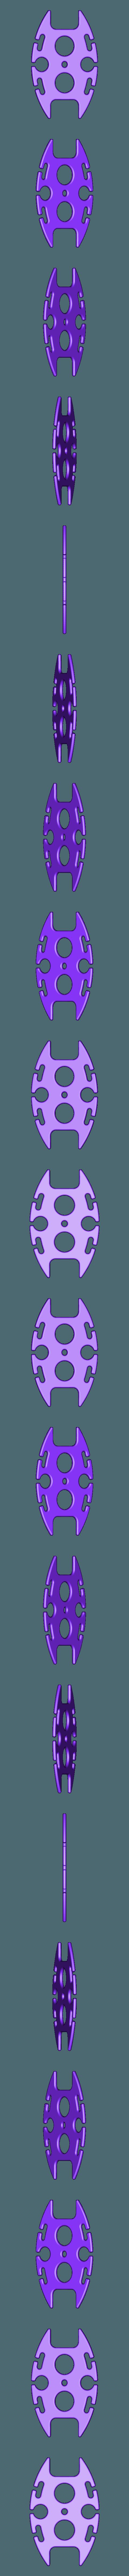 Spider.stl Download STL file SPIDER • 3D print object, metac